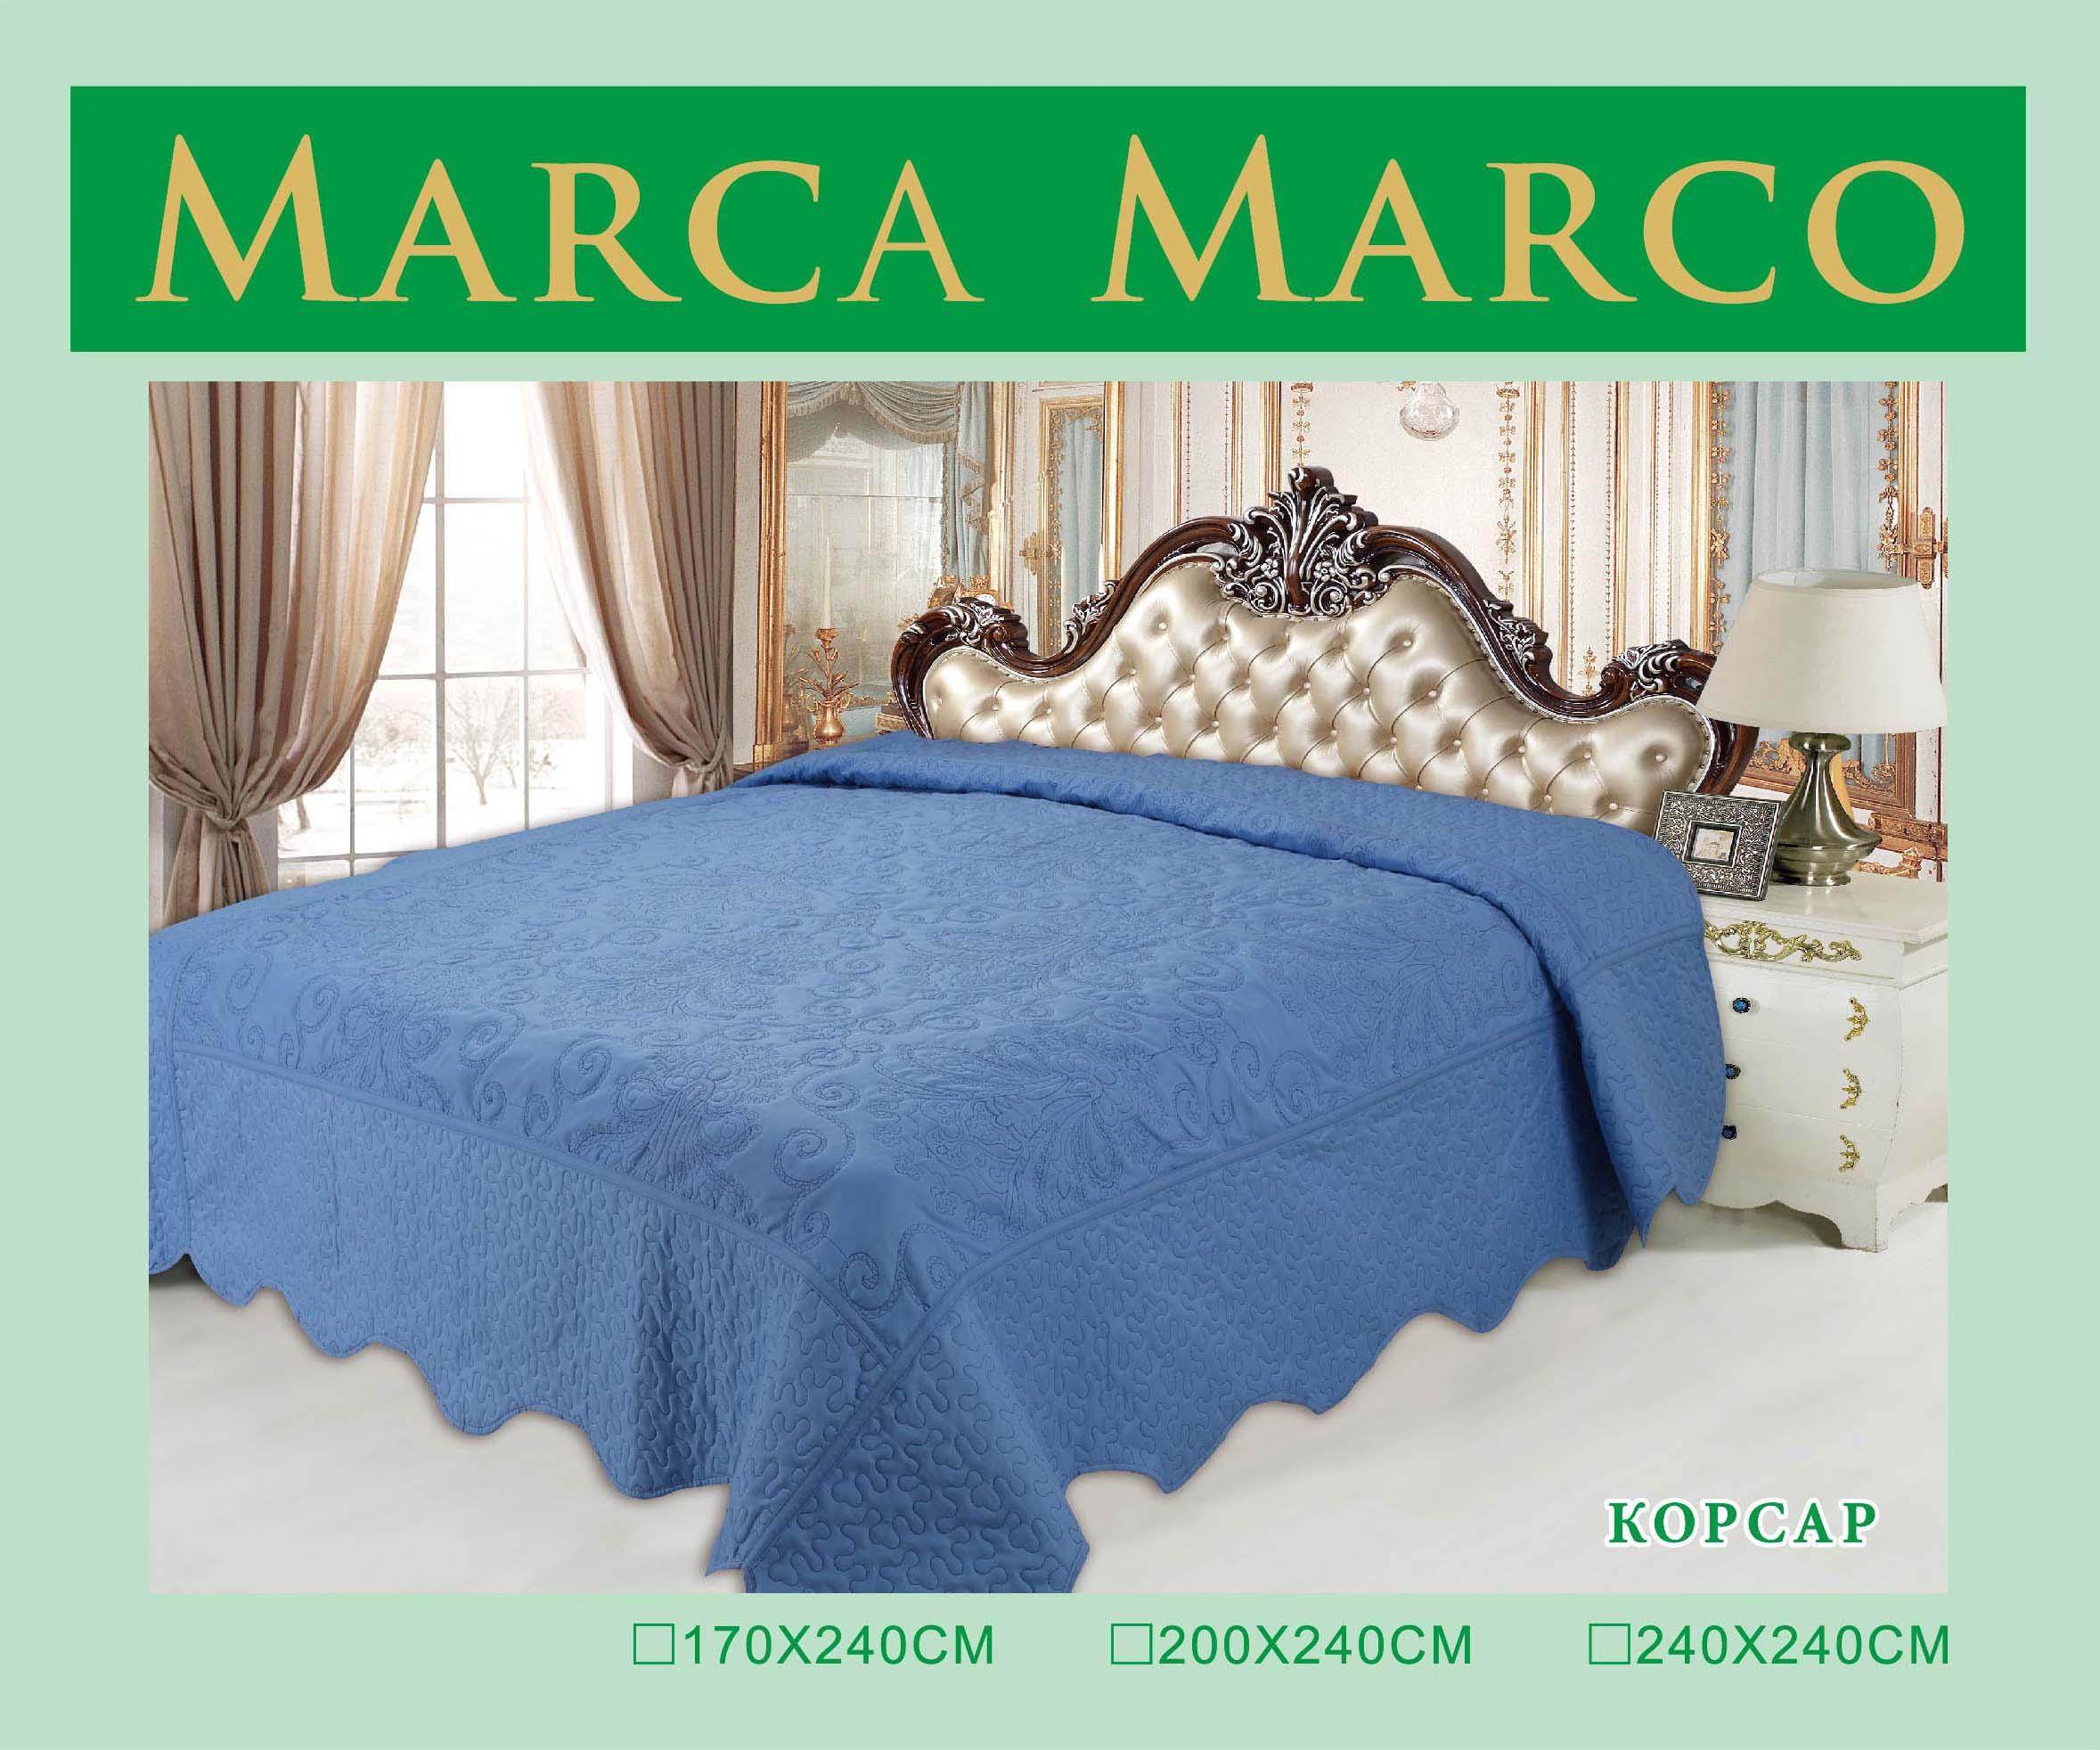 где купить  Покрывало MАRCA MARCO Покрывало Корсар (240х240 см)  по лучшей цене